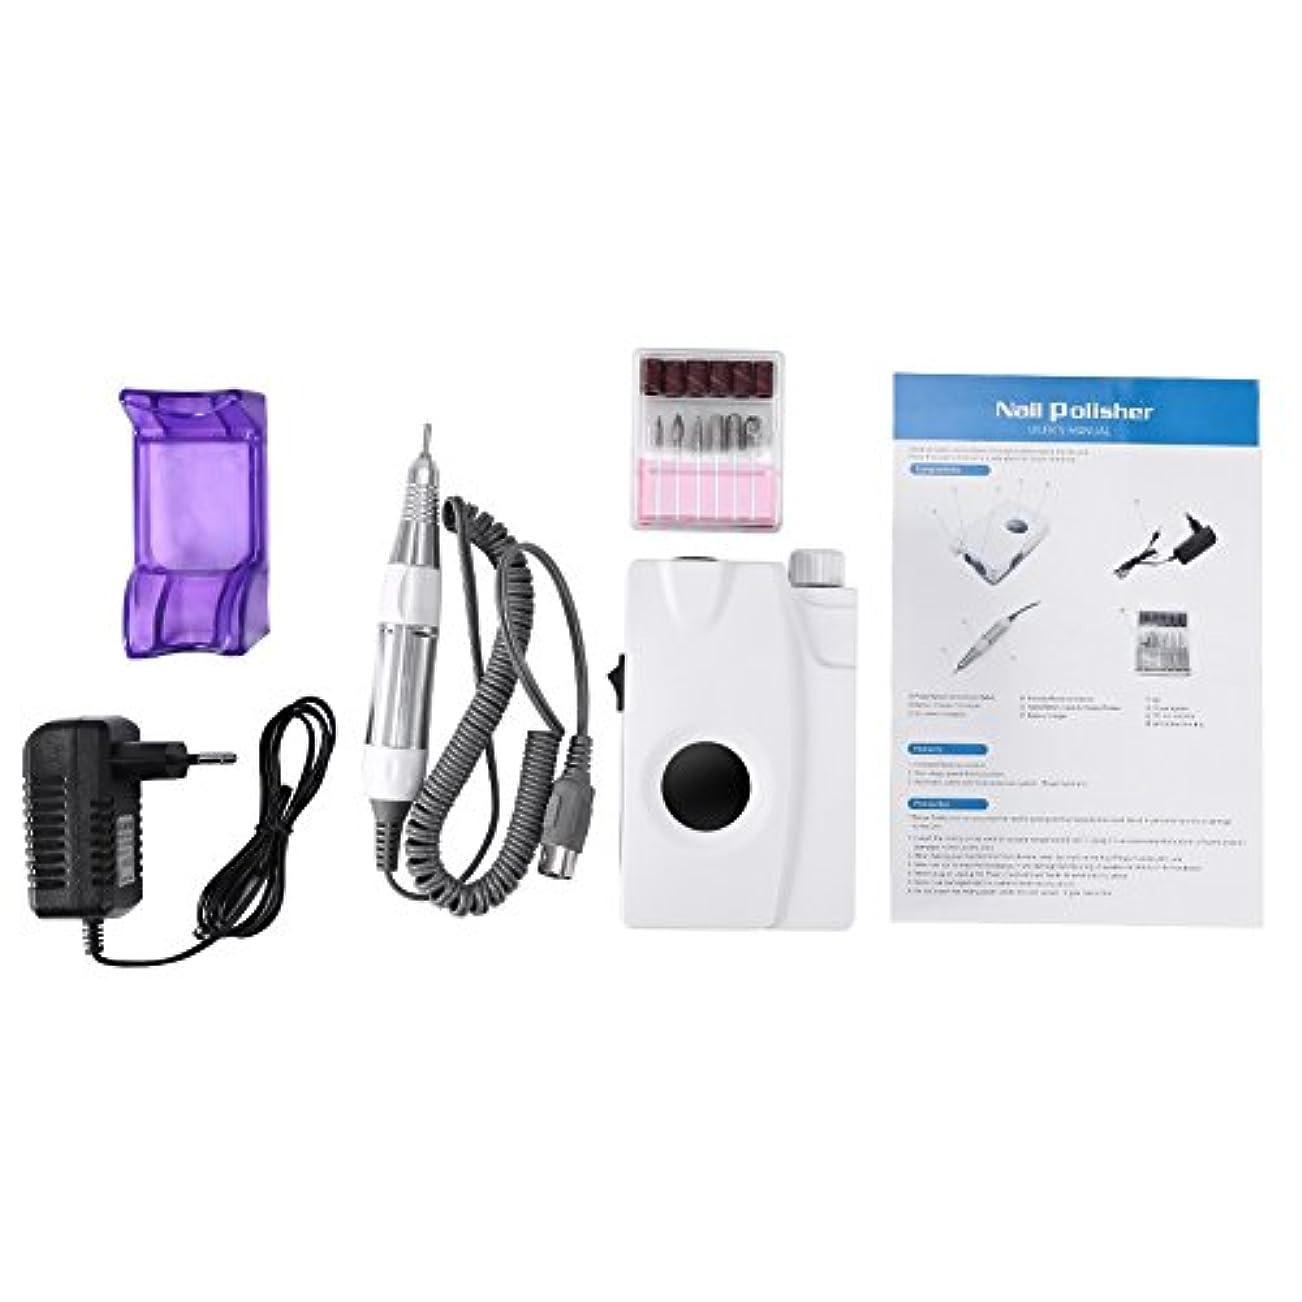 ネイルドリルマシン、3タイプポータブル電気ネイルドリルマシン充電式コードレスネイルポリッシャーマニキュアセット、マニキュアペディキュアツール(#1)